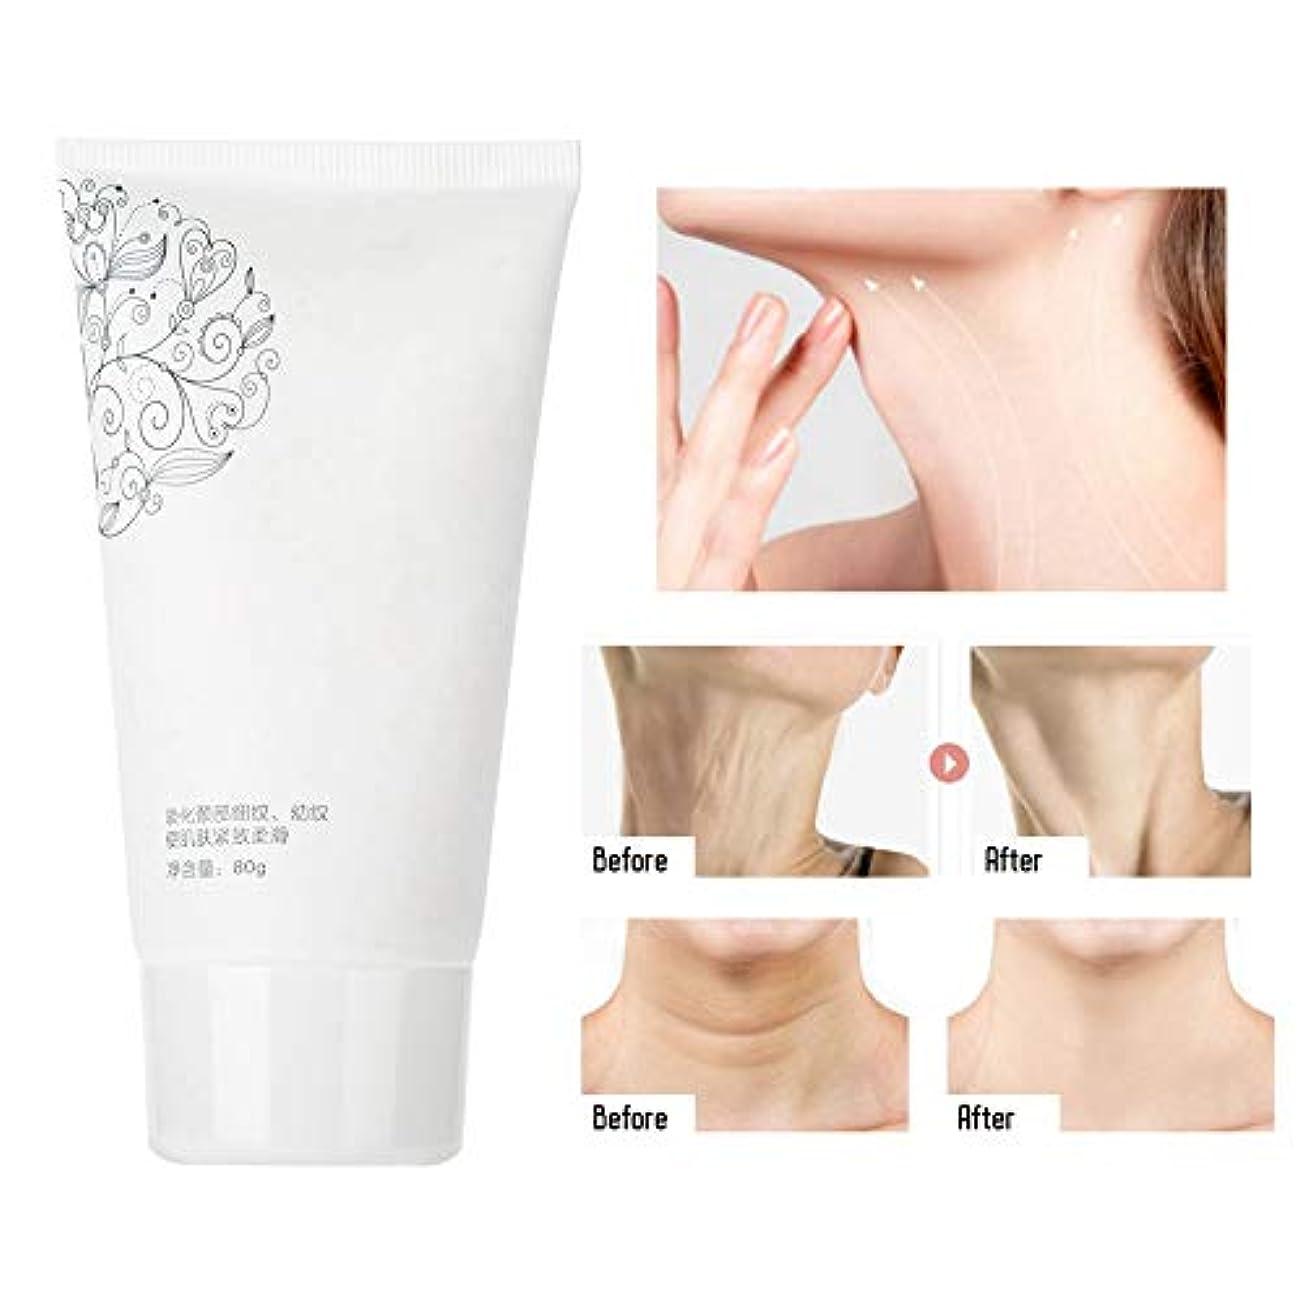 メッセージ限定暫定のネッククリーム、ホワイトニングネッククリームすべての肌タイプに適しており、特に水の不足によって引き起こされる強い引き締まった肌がある、または日焼けした、赤または日焼けした首の肌に適しています。